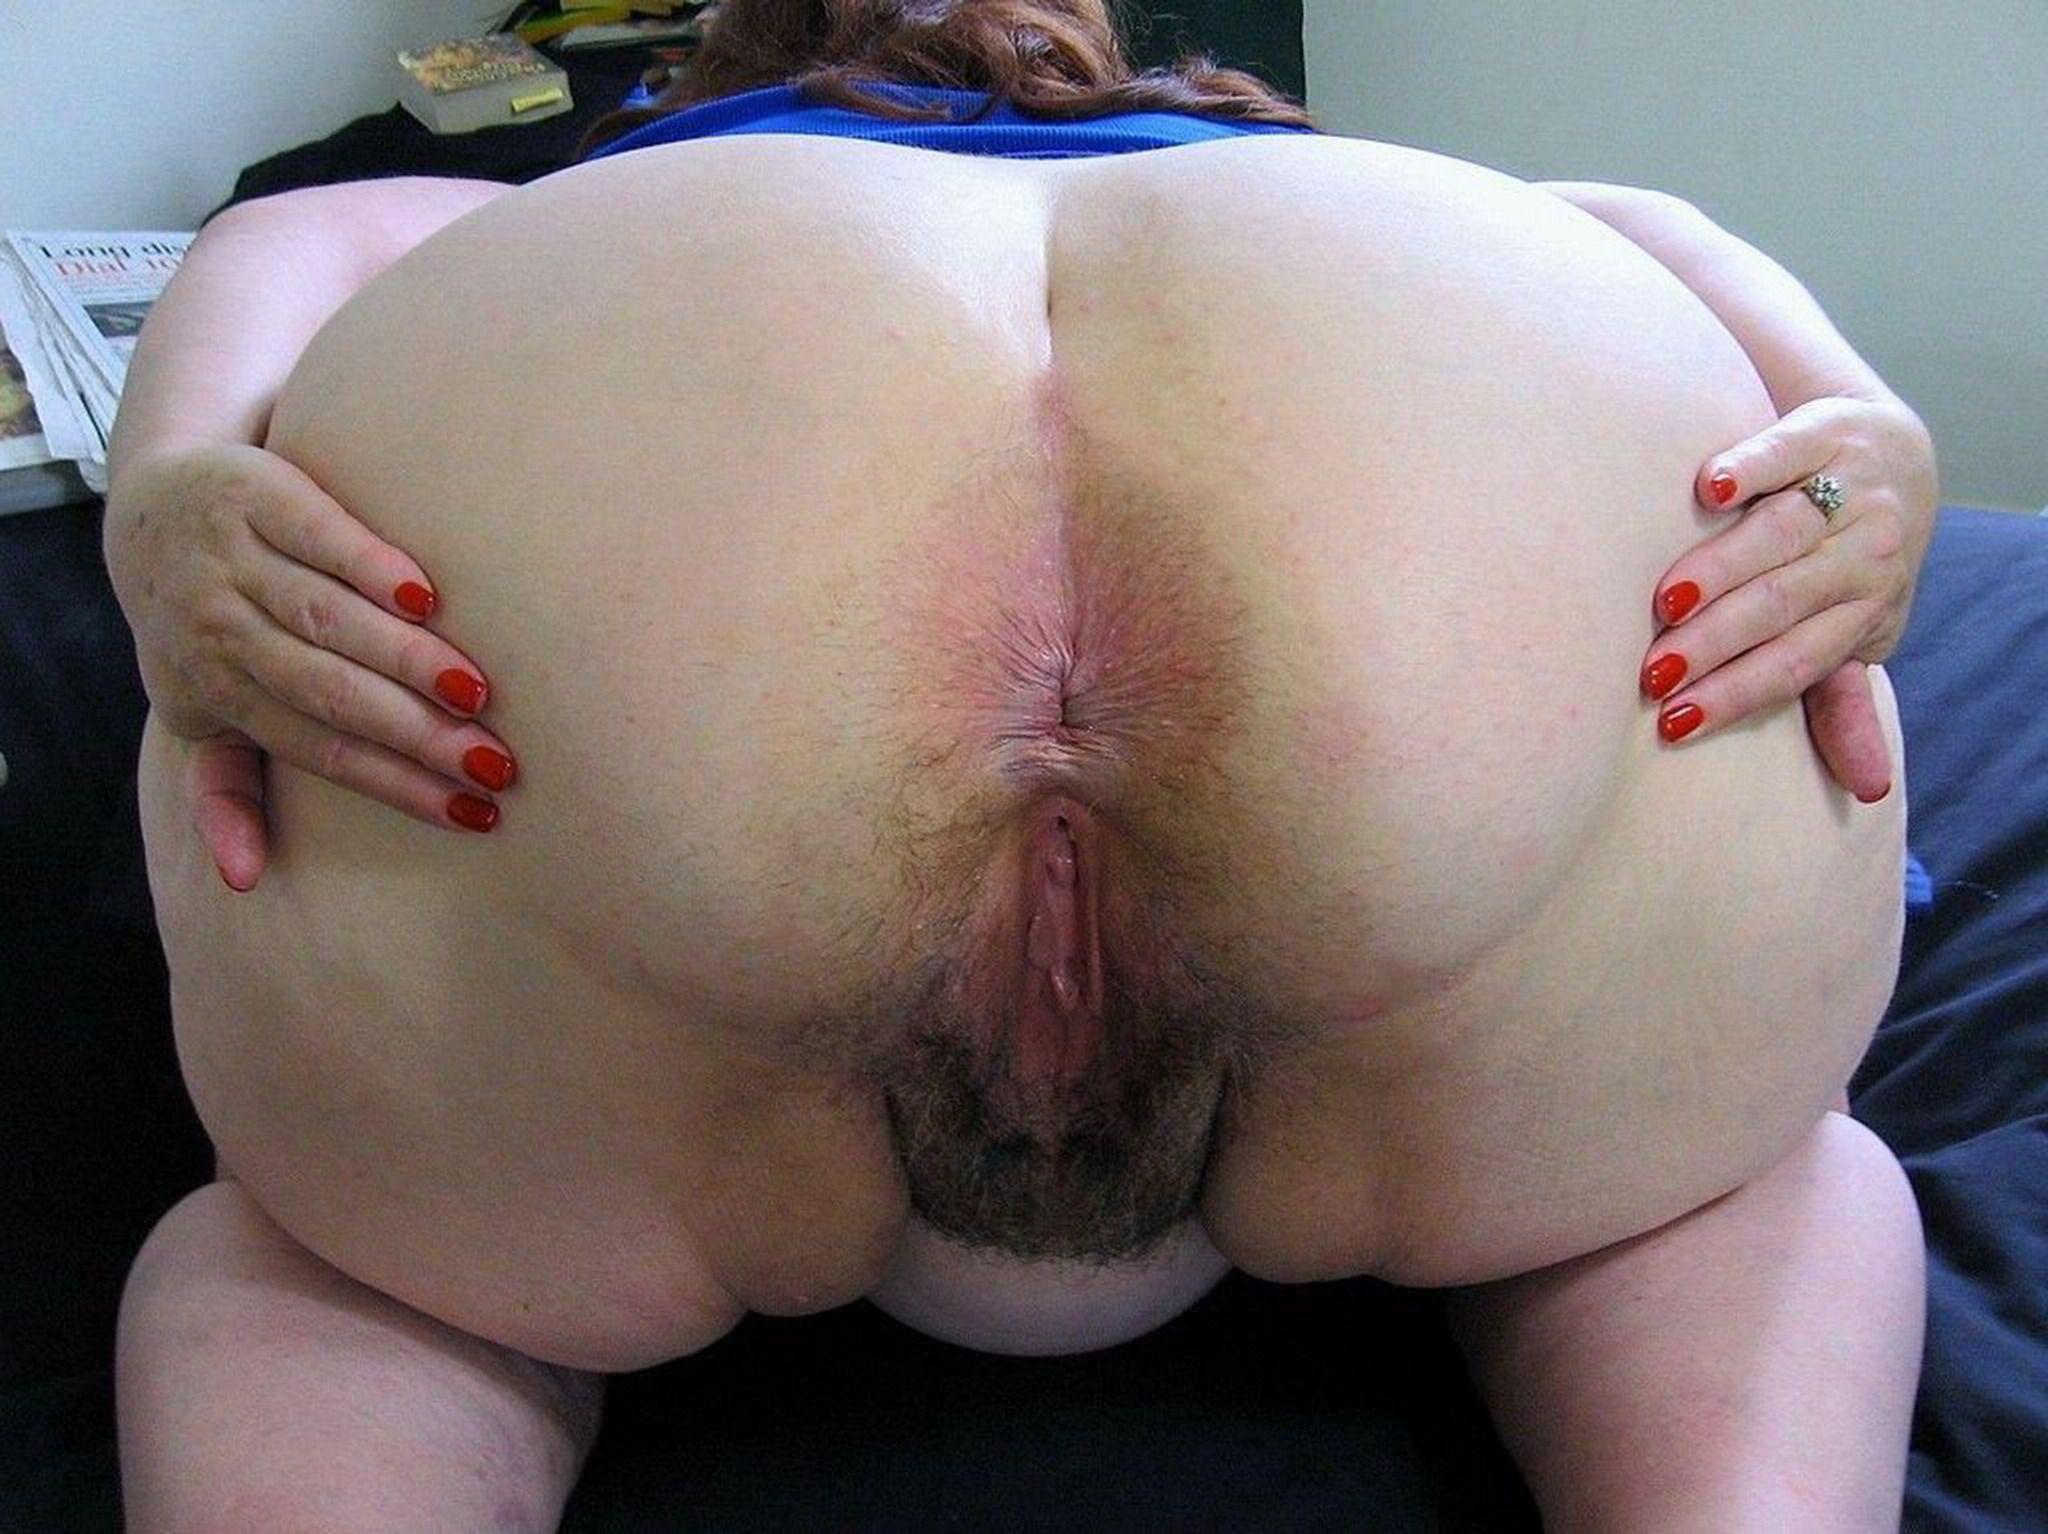 Смотреть порно толстая зрелая жопа, порно жирные бабы: жопы, сиськи, животы и секс 3 фотография